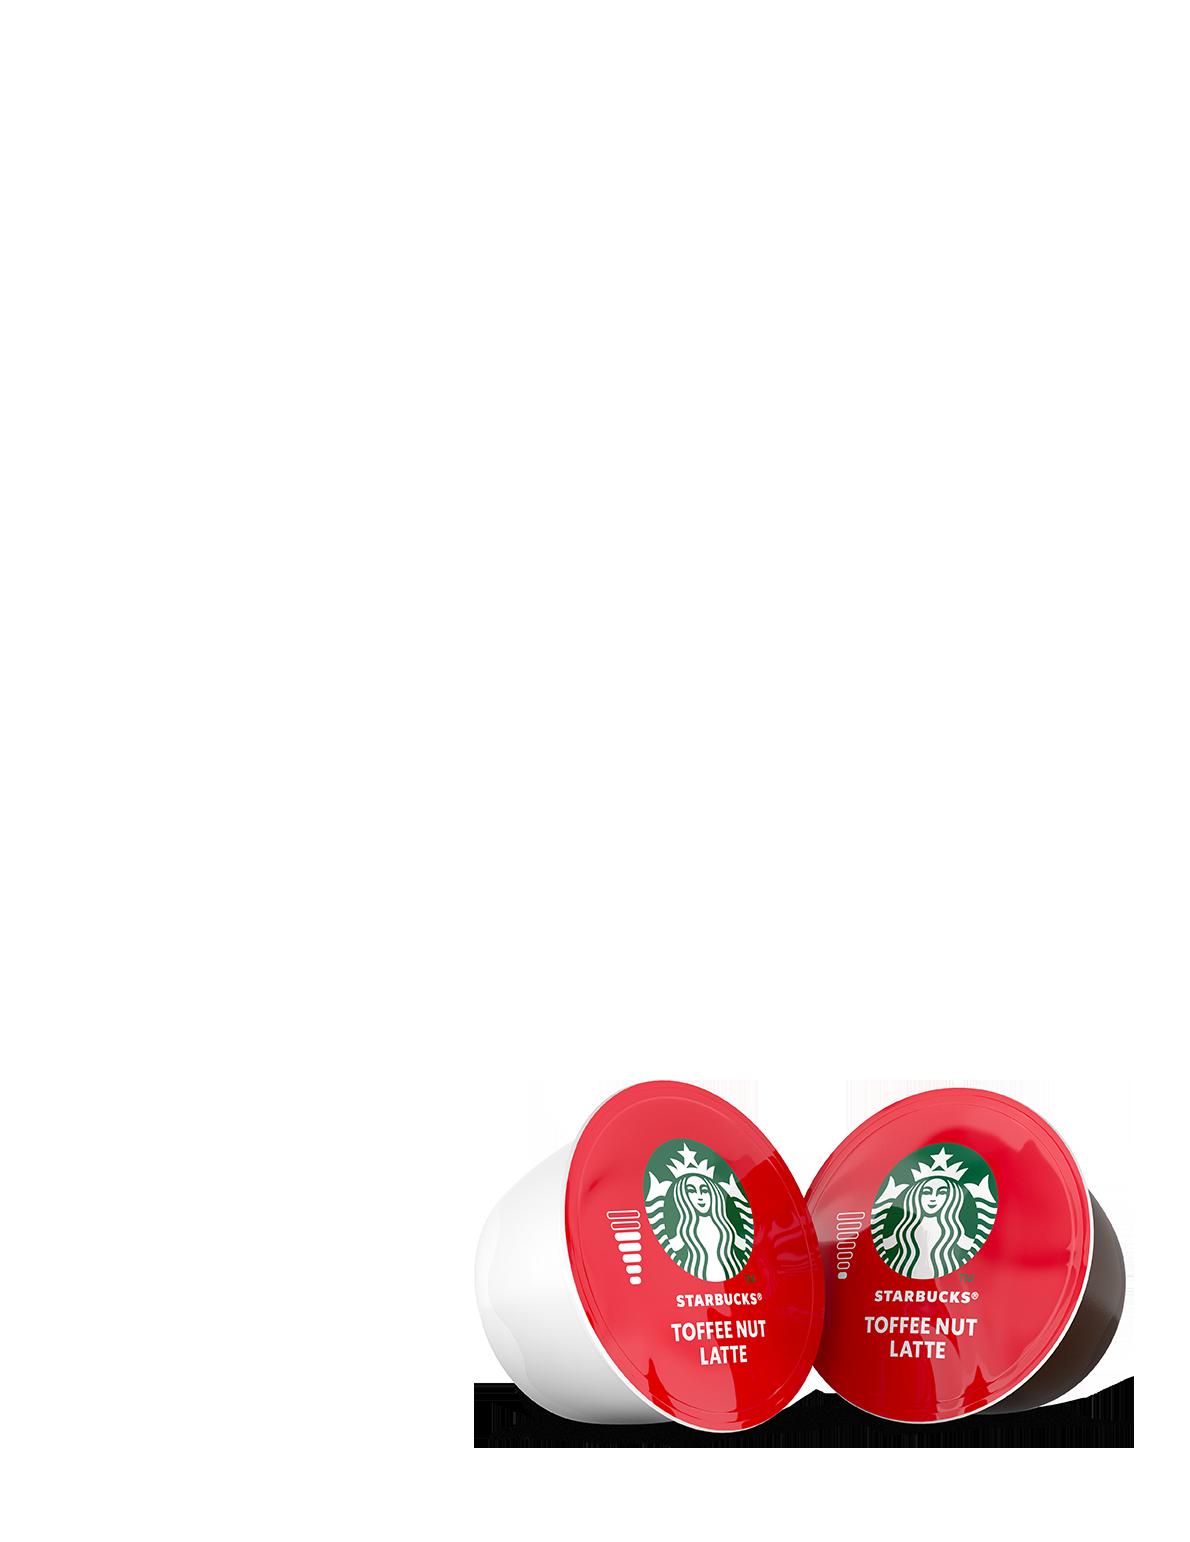 Starbucks® Toffee Nut Latte